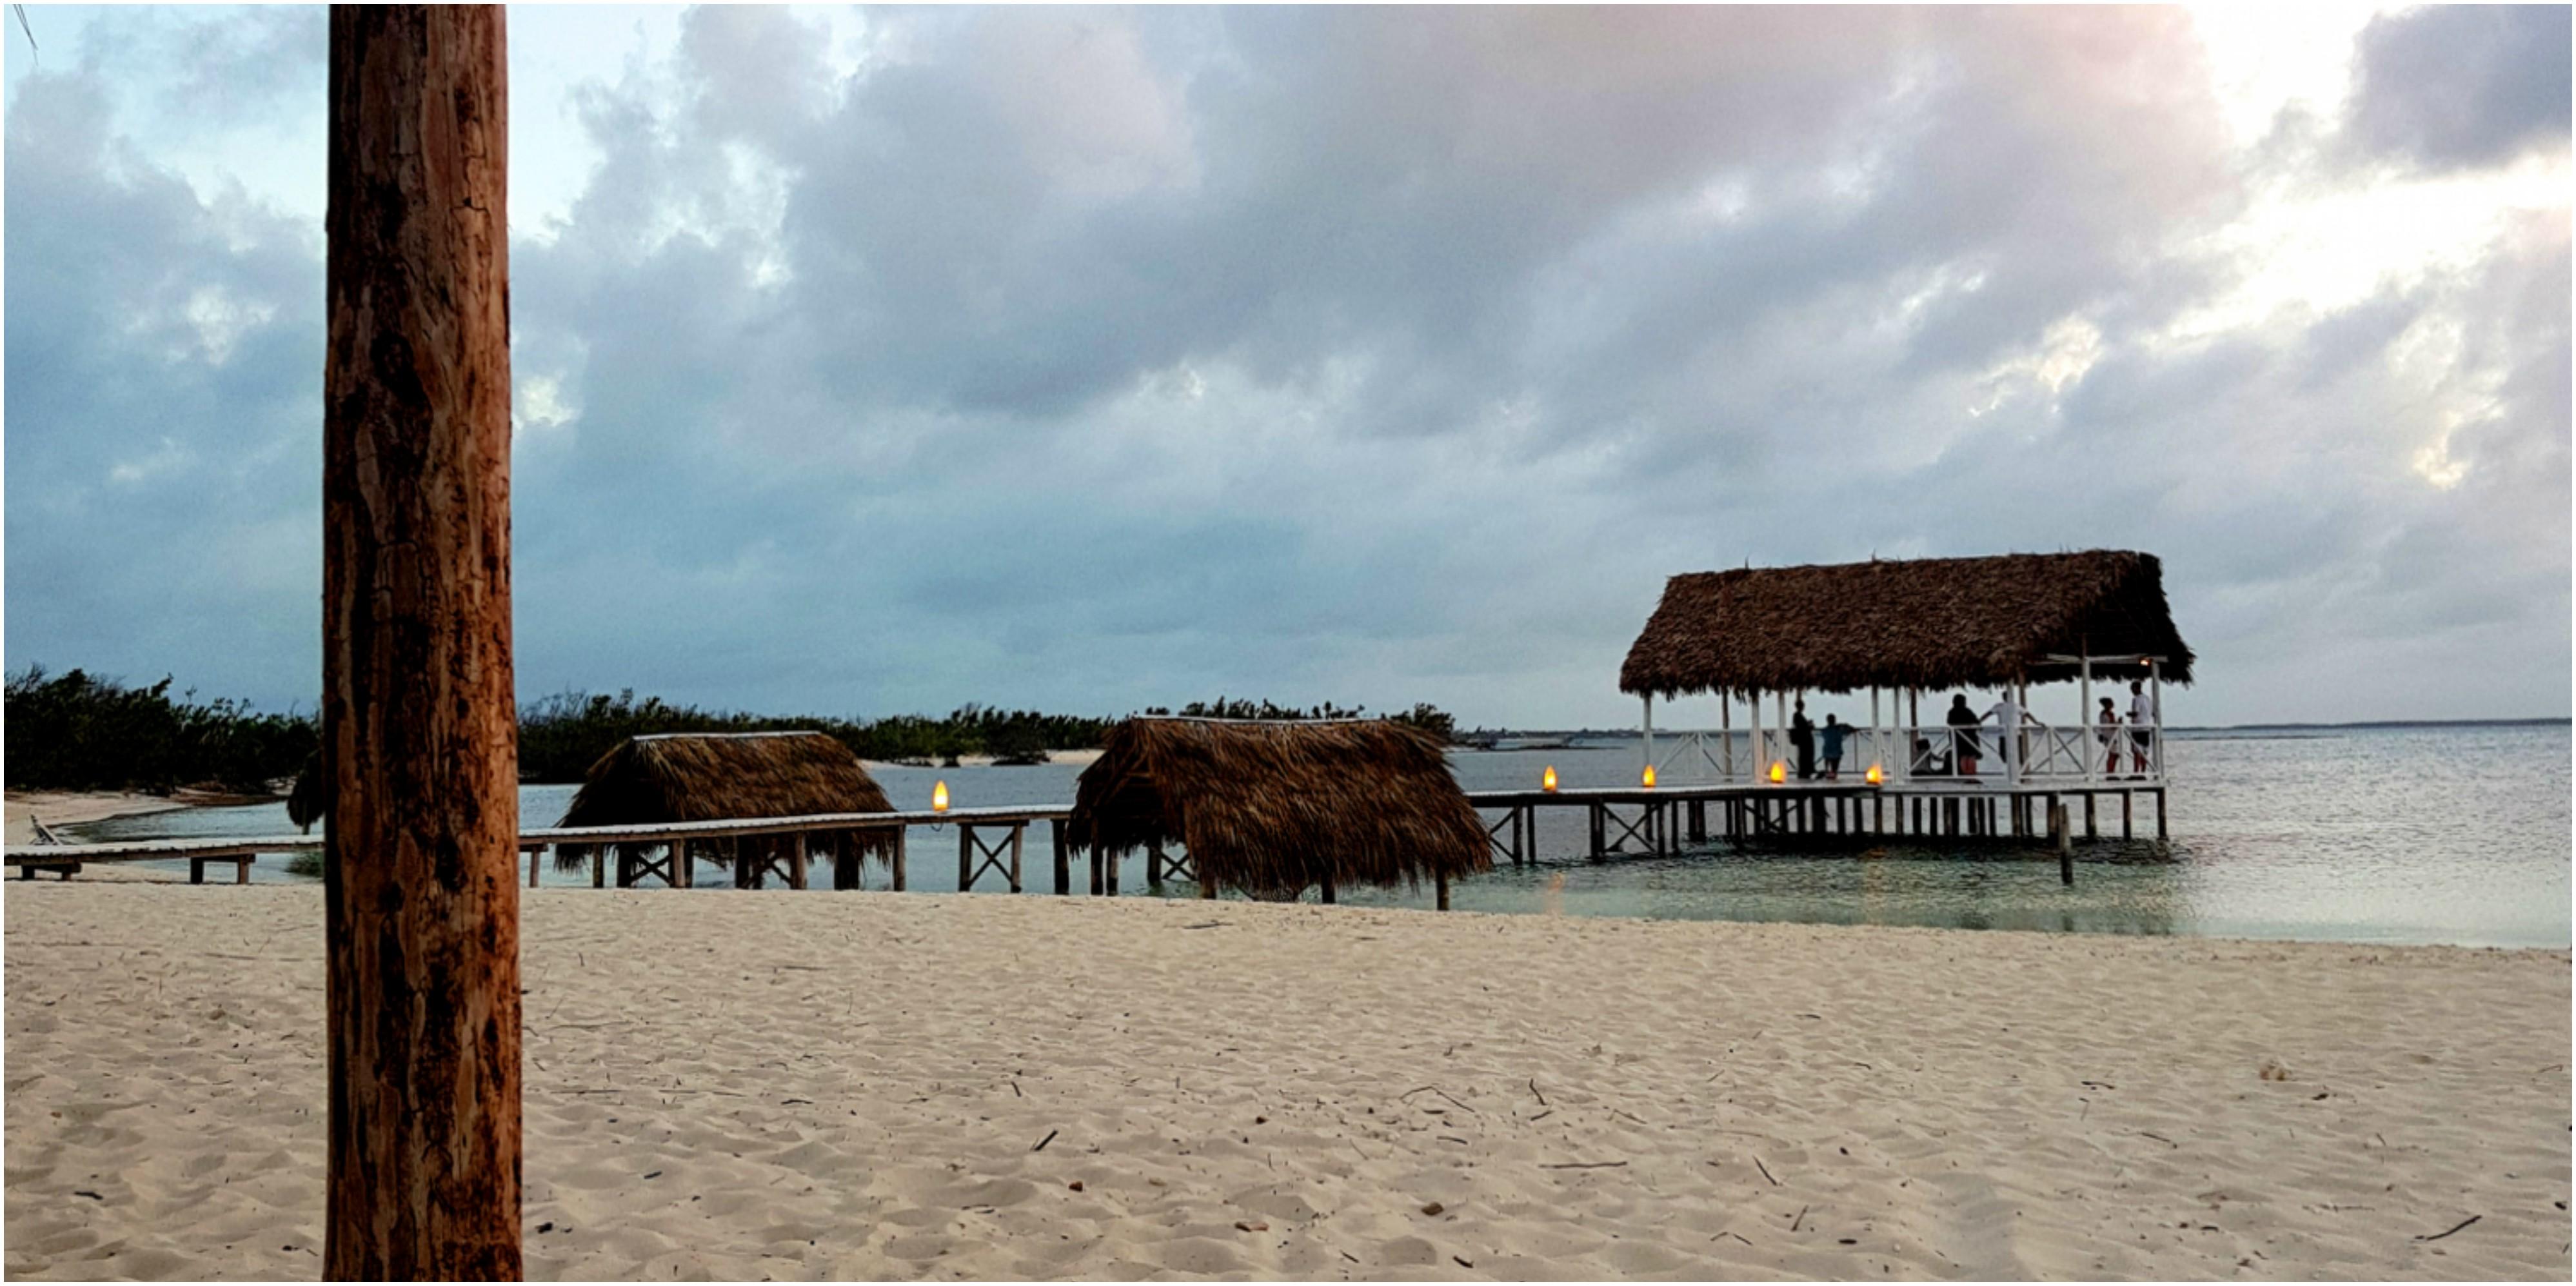 cuba-cayo-santa-maria-hotel-dormir-melia-buenavista-plage-romantique